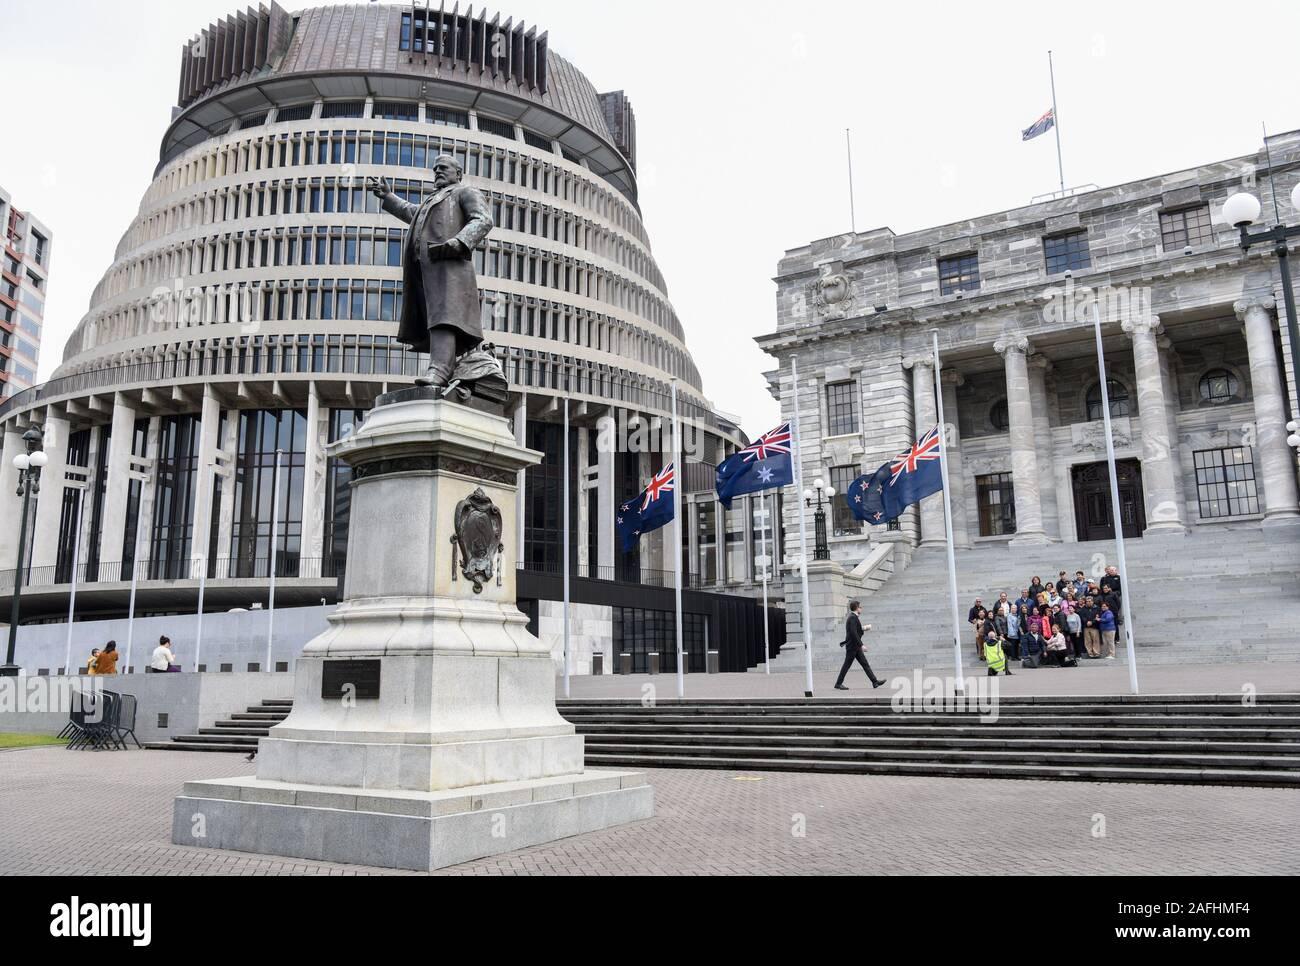 Wellington, Nueva Zelanda. 16 dic, 2019. Los nacionales de Nueva Zelanda banderas a media asta en frente de los edificios del parlamento para conmemorar a las víctimas de la erupción volcánica de la Isla Blanca en Wellington, Nueva Zelandia, el 16 de diciembre, 2019. Es necesario hacer preguntas y responder respecto a las bajas causadas por la erupción volcánica de la Isla Blanca, dijo el Primer Ministro de Nueva Zelandia Jacinda Ardern en lunes. Gente de toda Nueva Zelanda observaron un minuto de silencio el lunes en honor de las víctimas de la erupción volcánica de la Isla Blanca. Crédito: Guo Lei/Xinhua/Alamy Live News Foto de stock